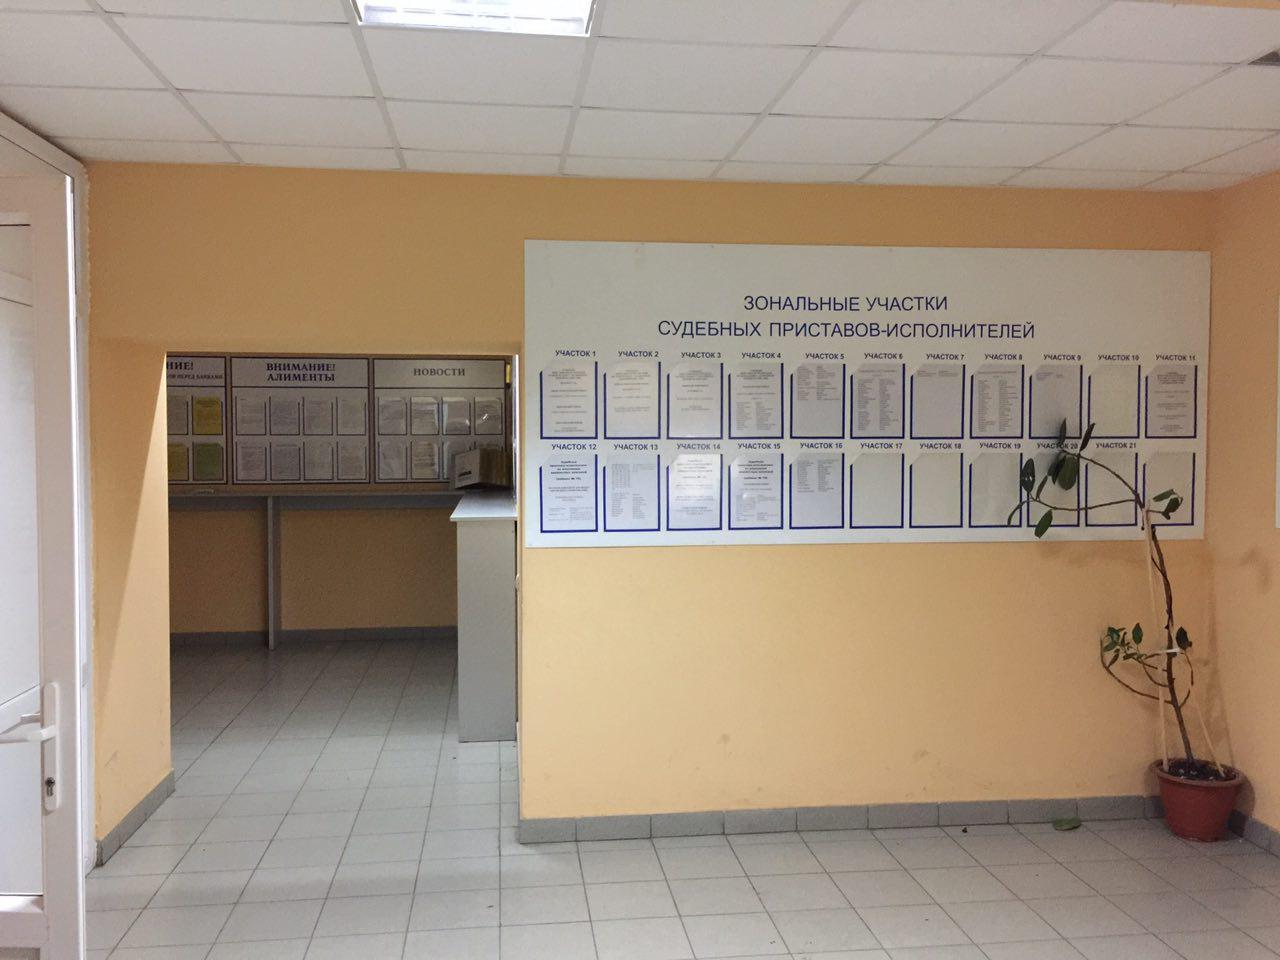 Судебные приставы взыскали с должника более 500 тысяч рублей